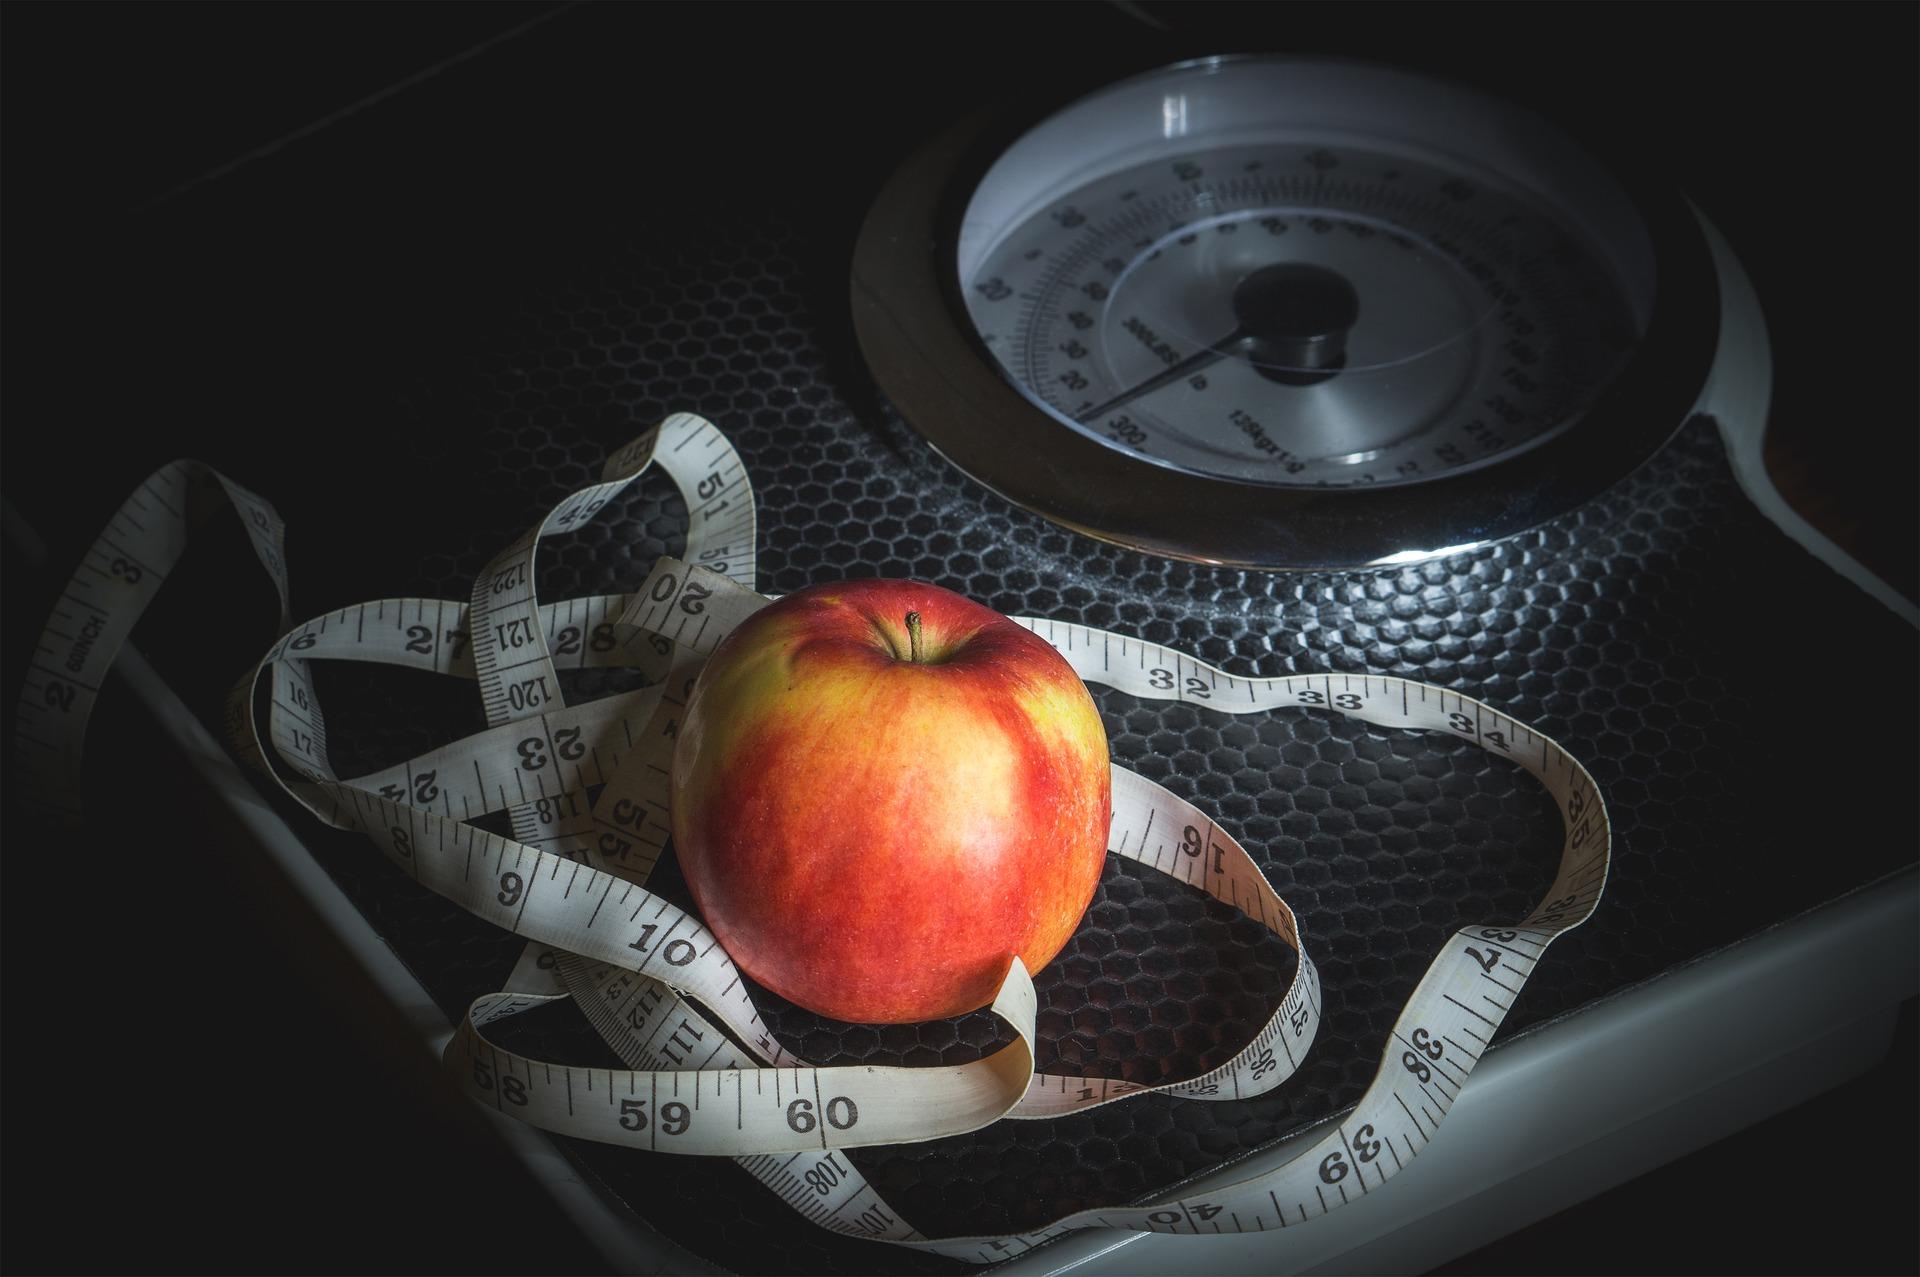 メタボリックシンドロームのリスクとは?医療ダイエットで中からも外からも健康的で美しい人へ